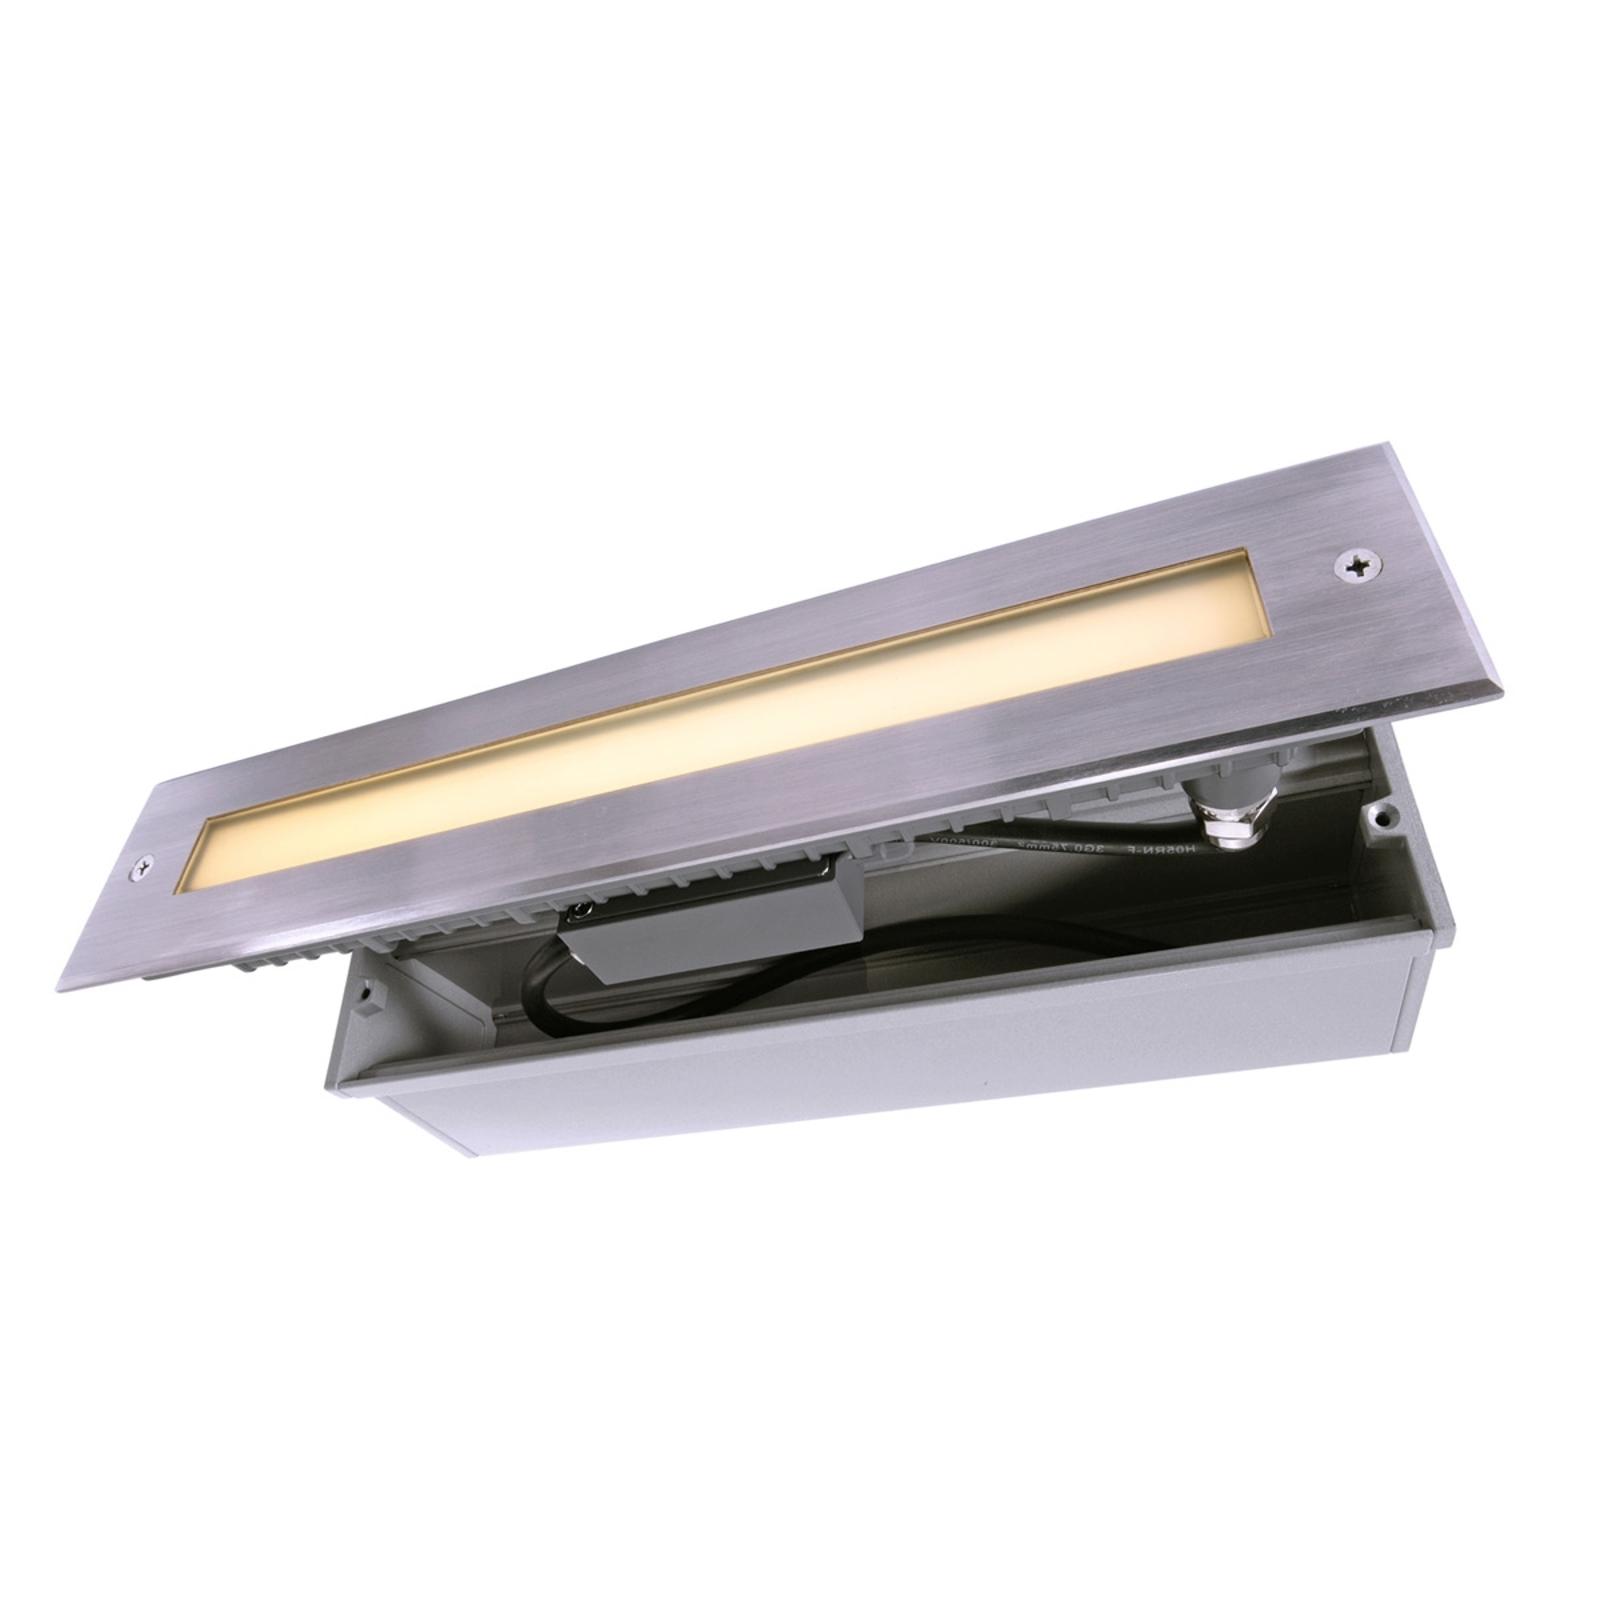 Lampada LED da incasso a terra Line, 32,8 cm